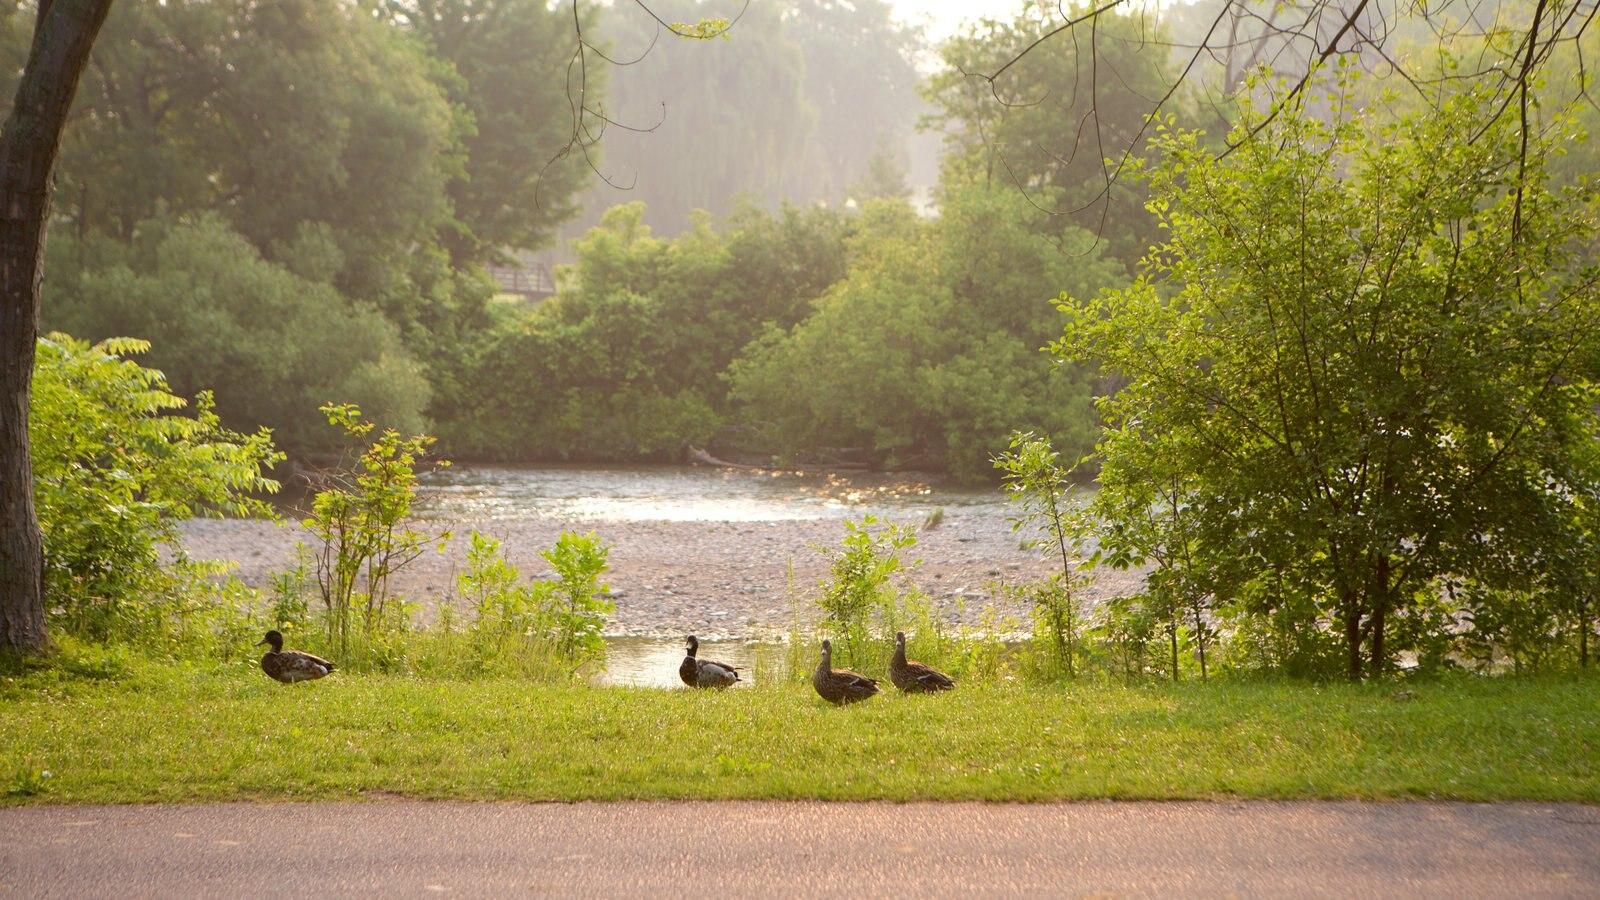 Etobicoke mostrando um rio ou córrego, vida das aves e um parque